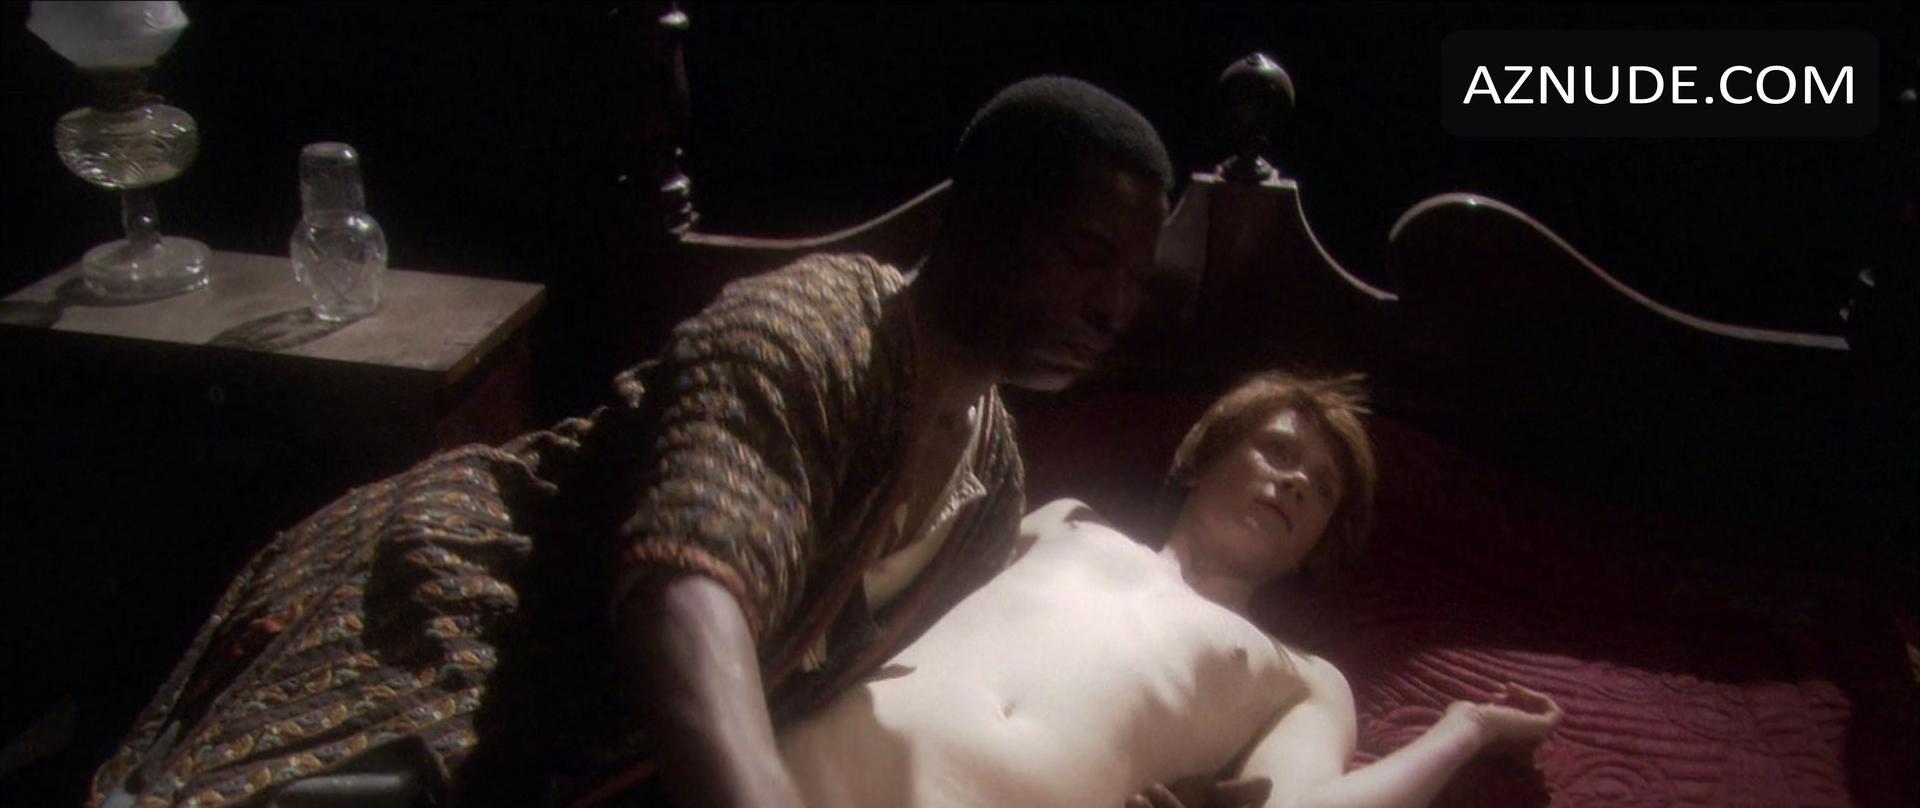 naked bryce dallas howard